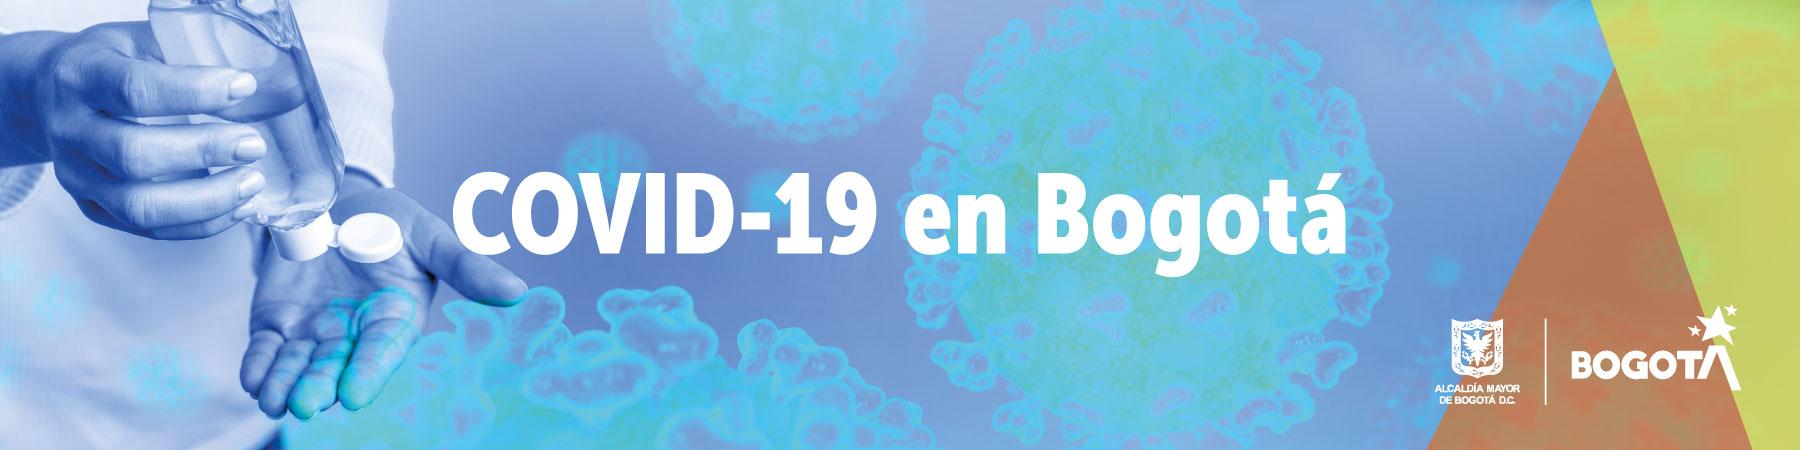 Información sobre el COVID-19 en Bogotá